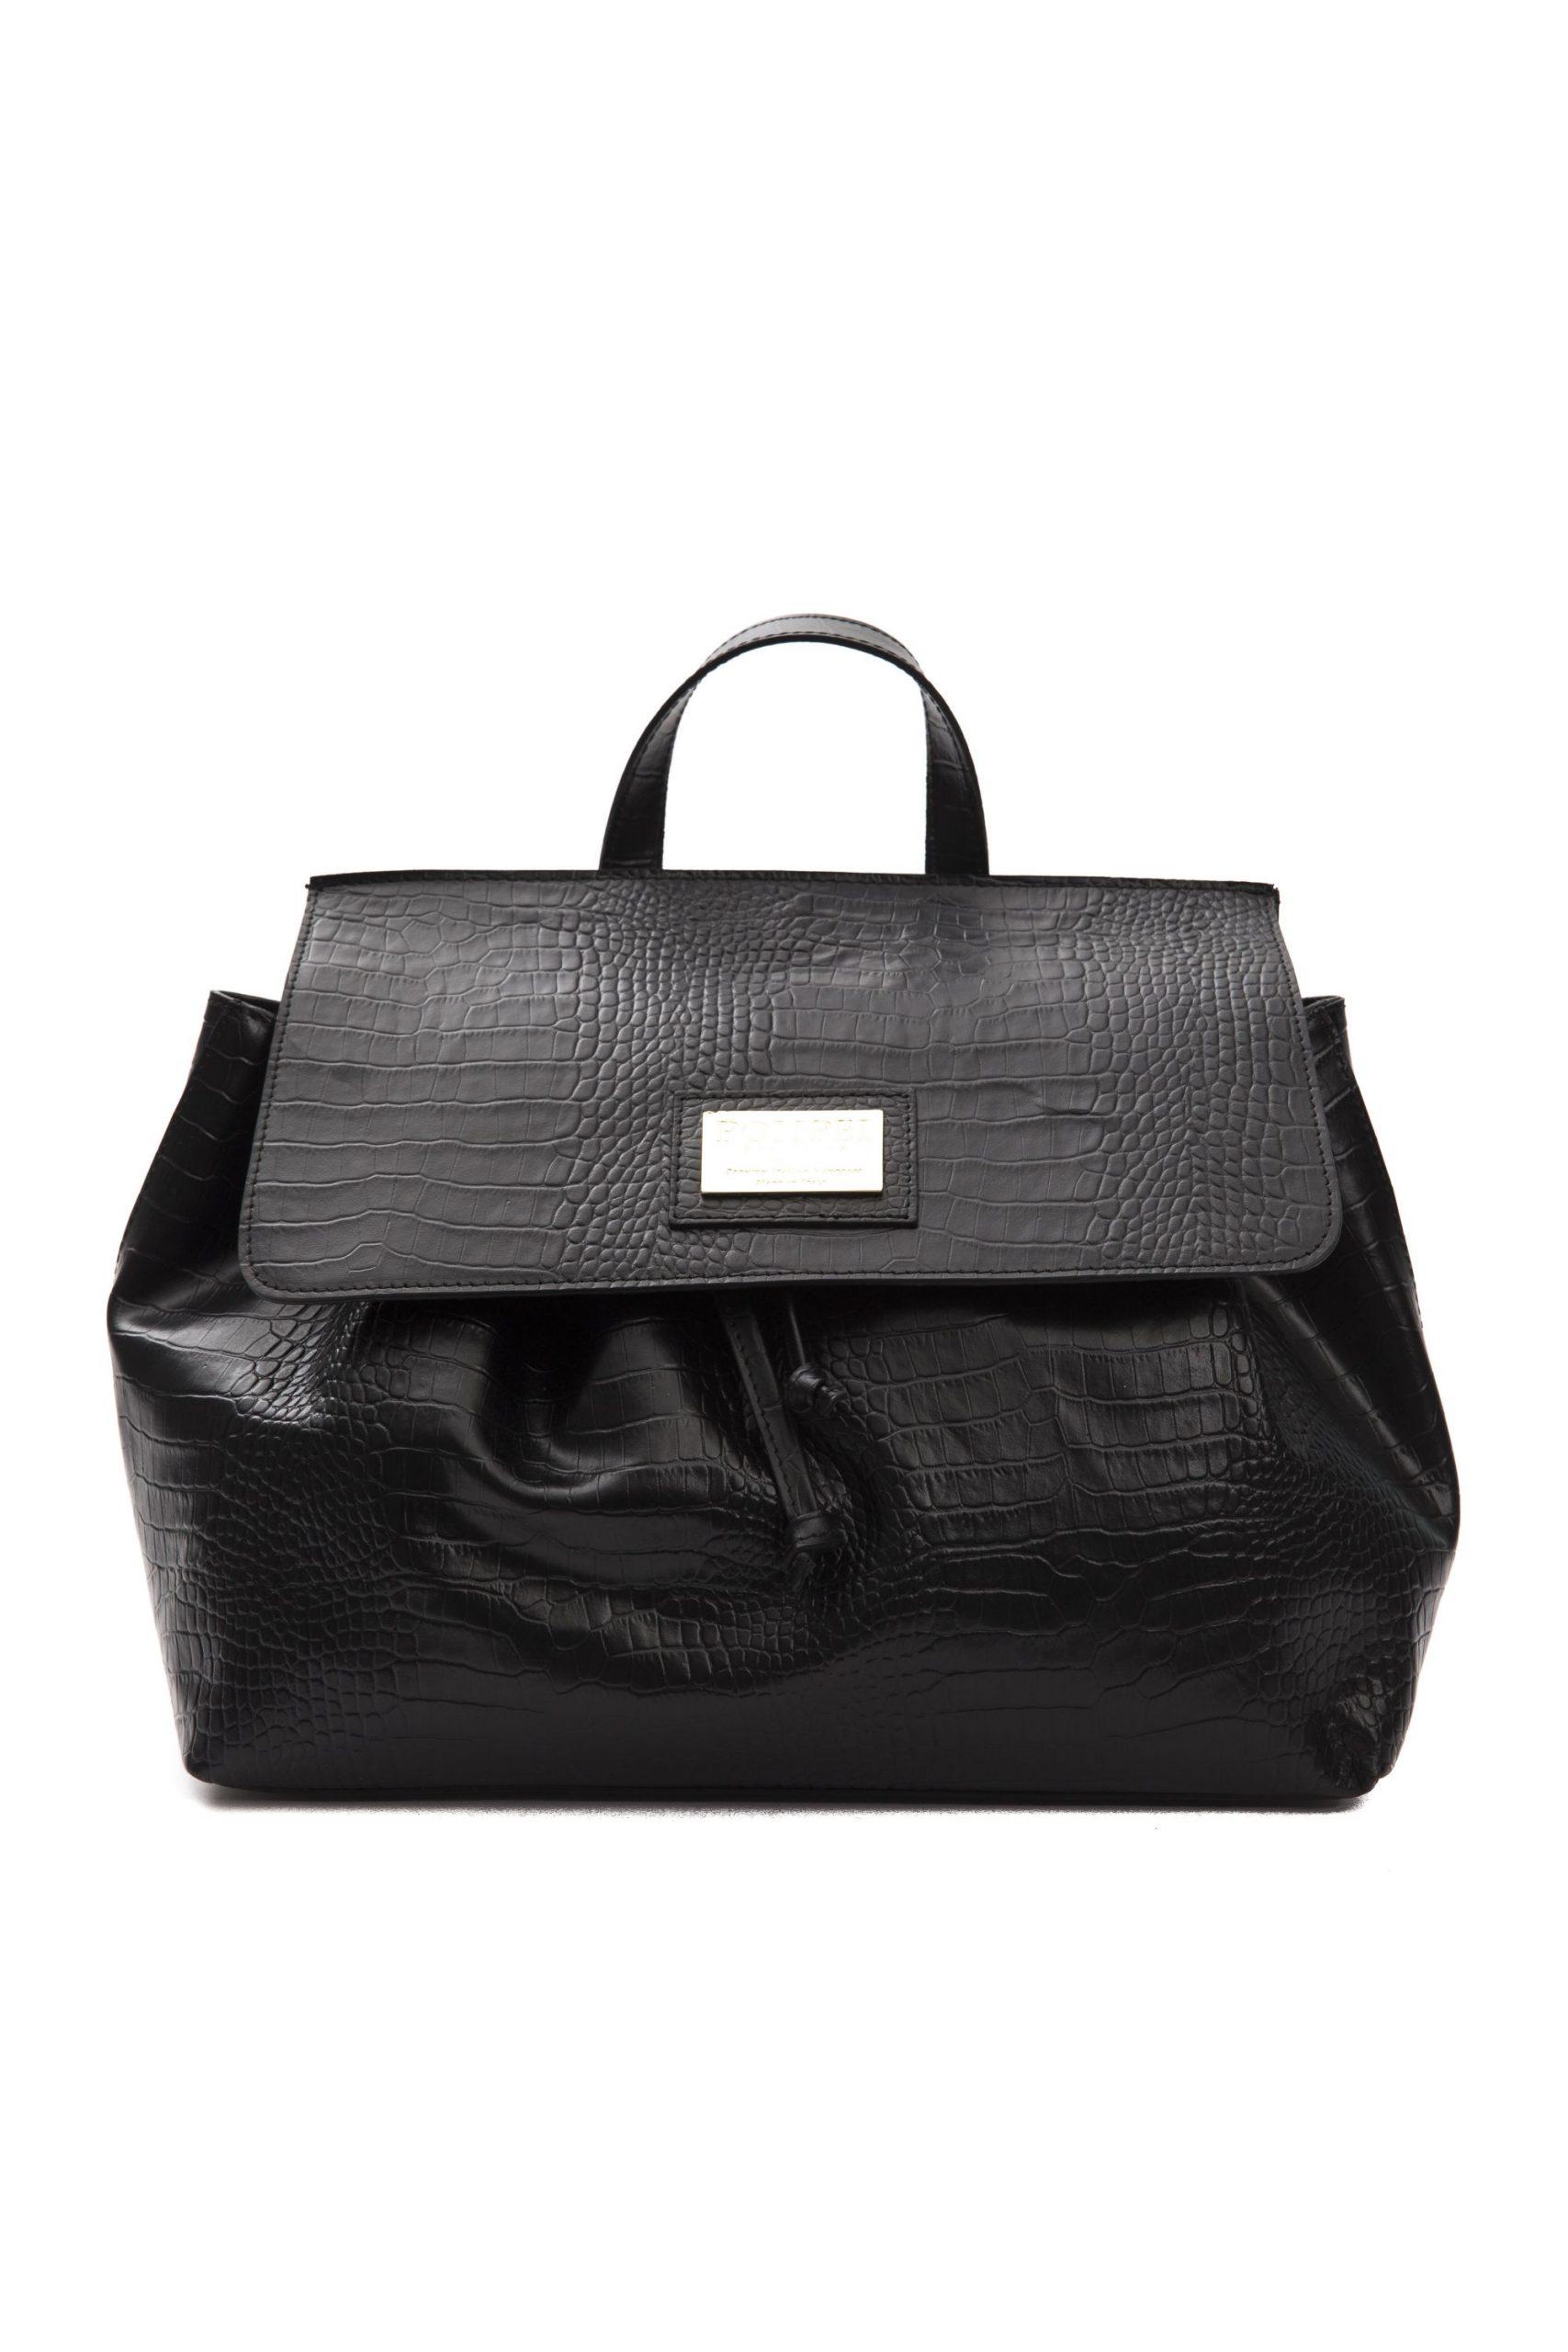 Pompei Donatella Women's Handbag Black PO667690